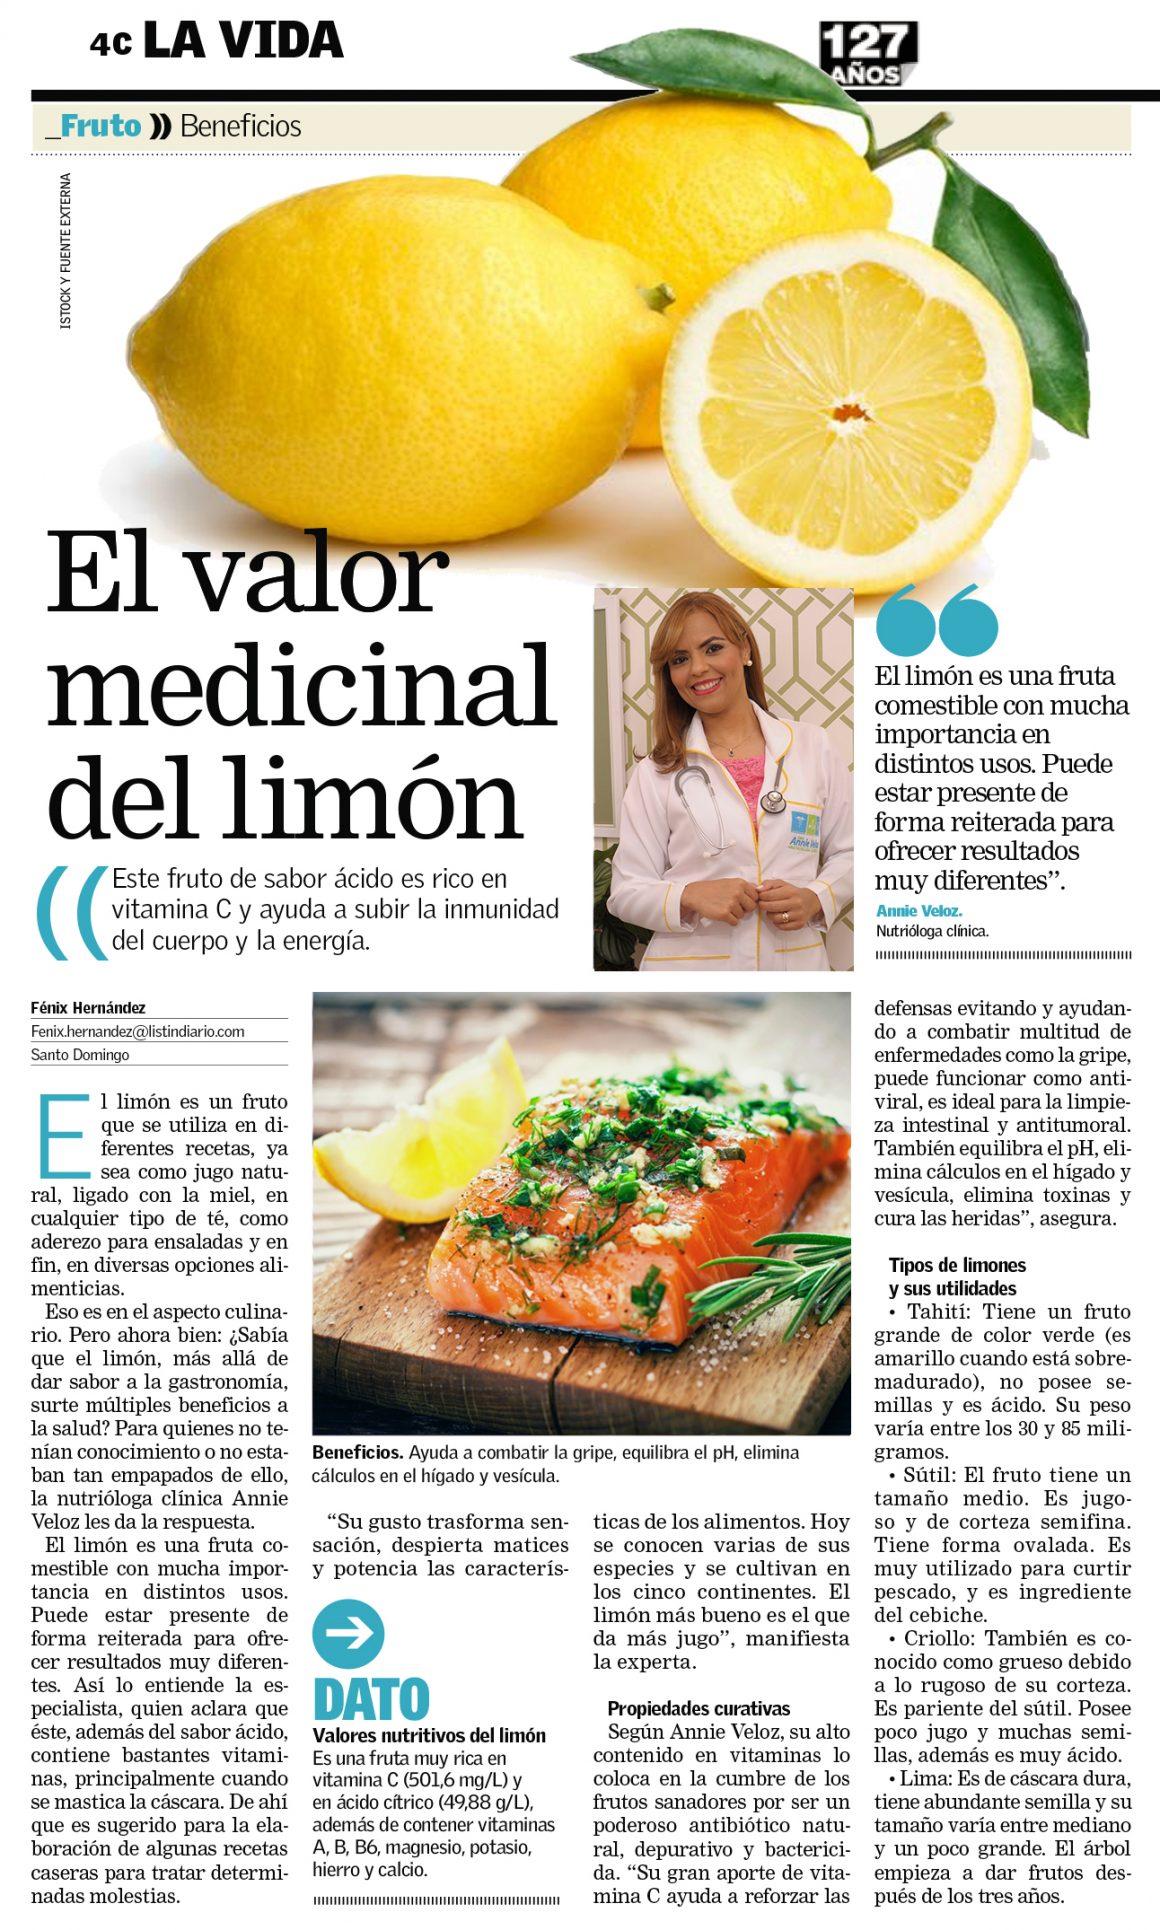 Listin Diario 9 junio 2017